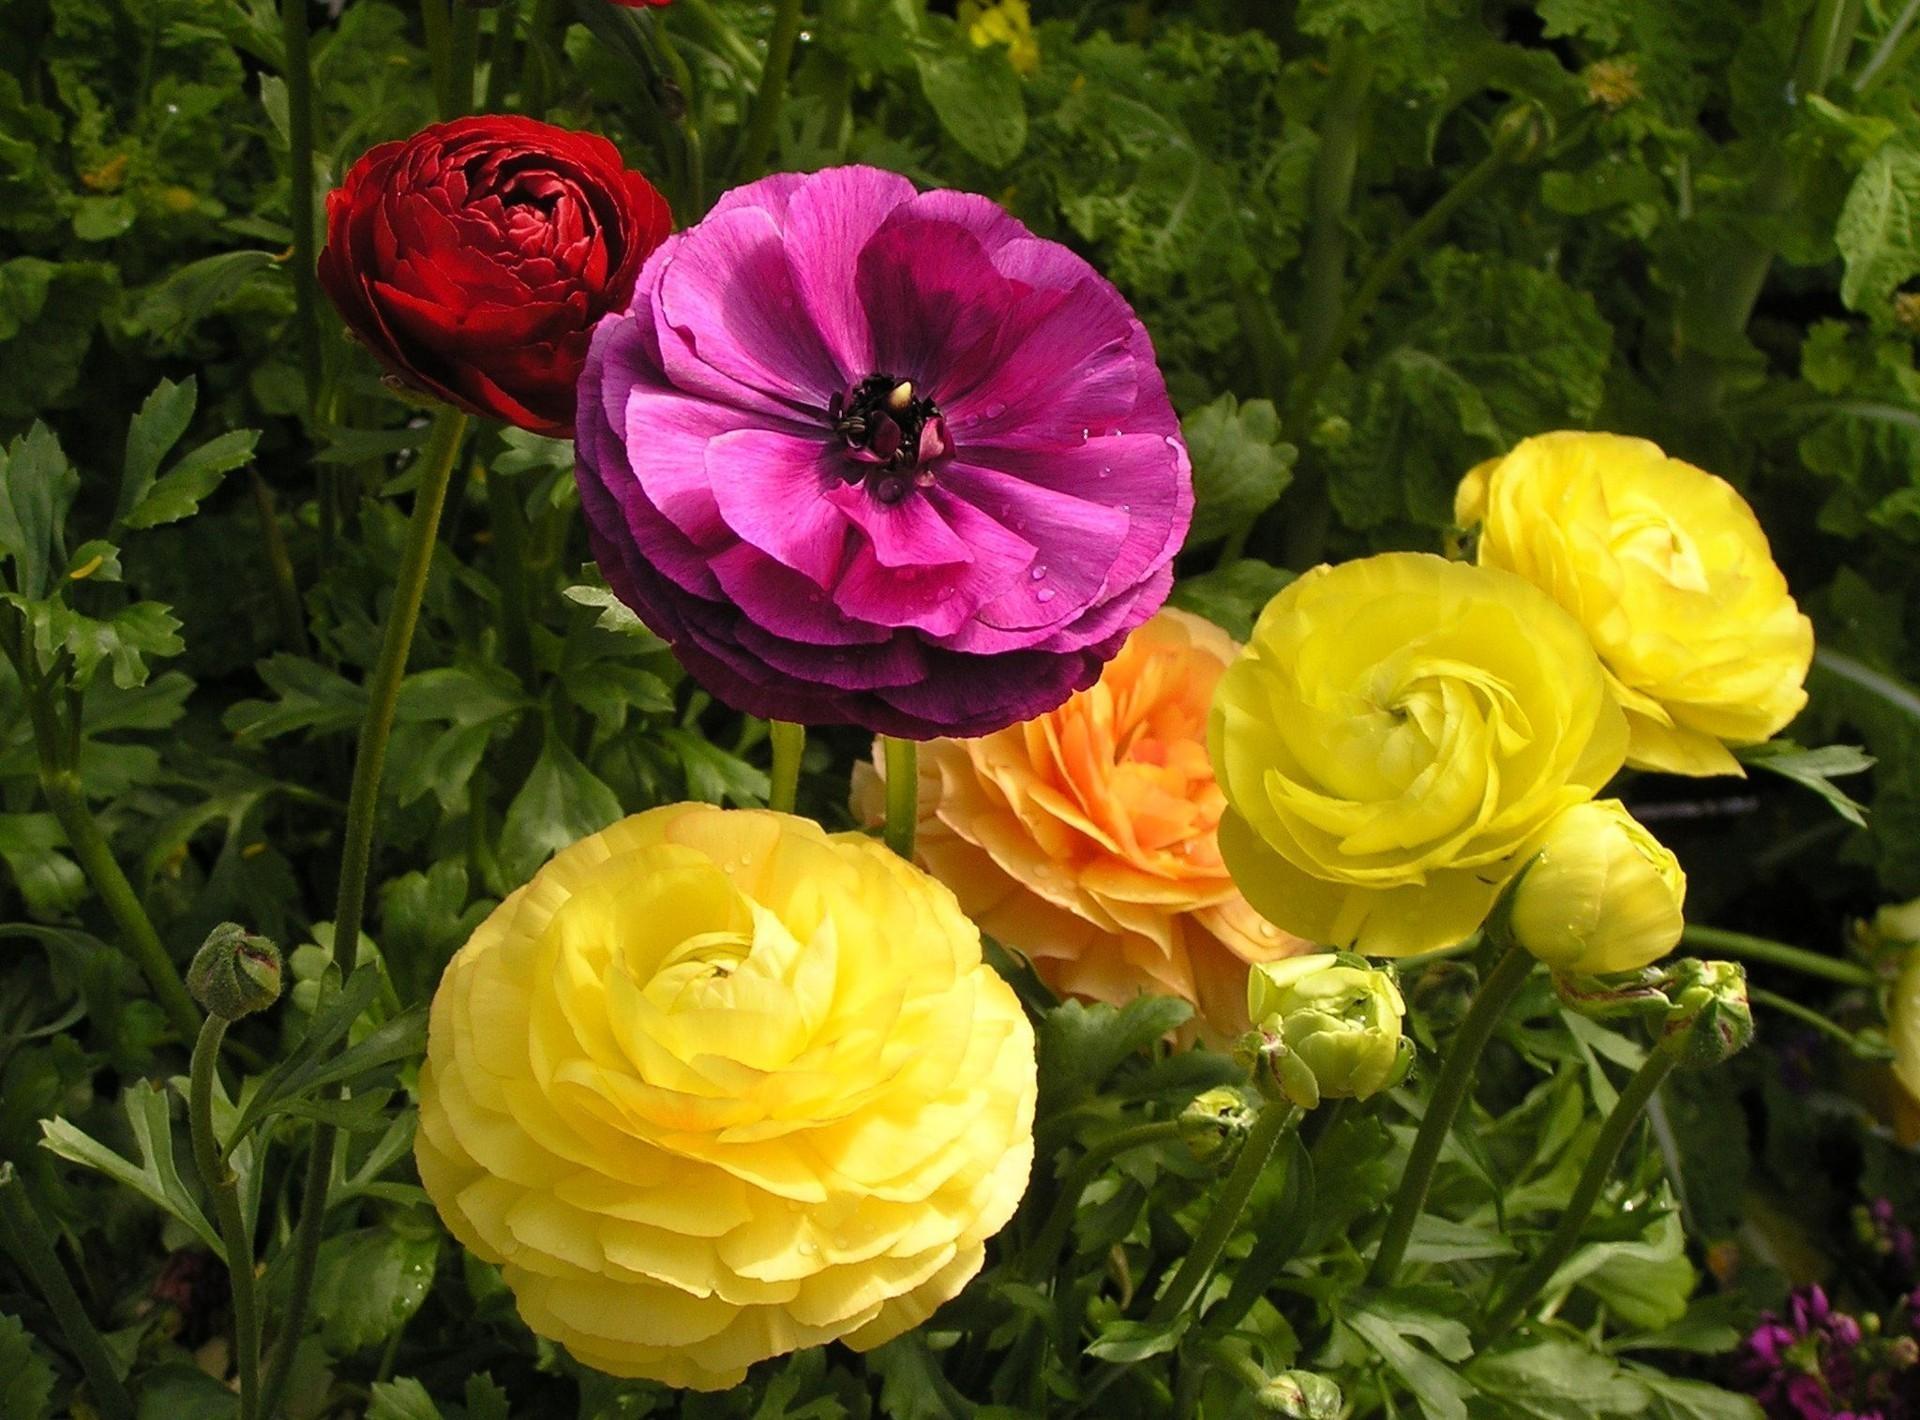 лютики цветочки фото же, таким